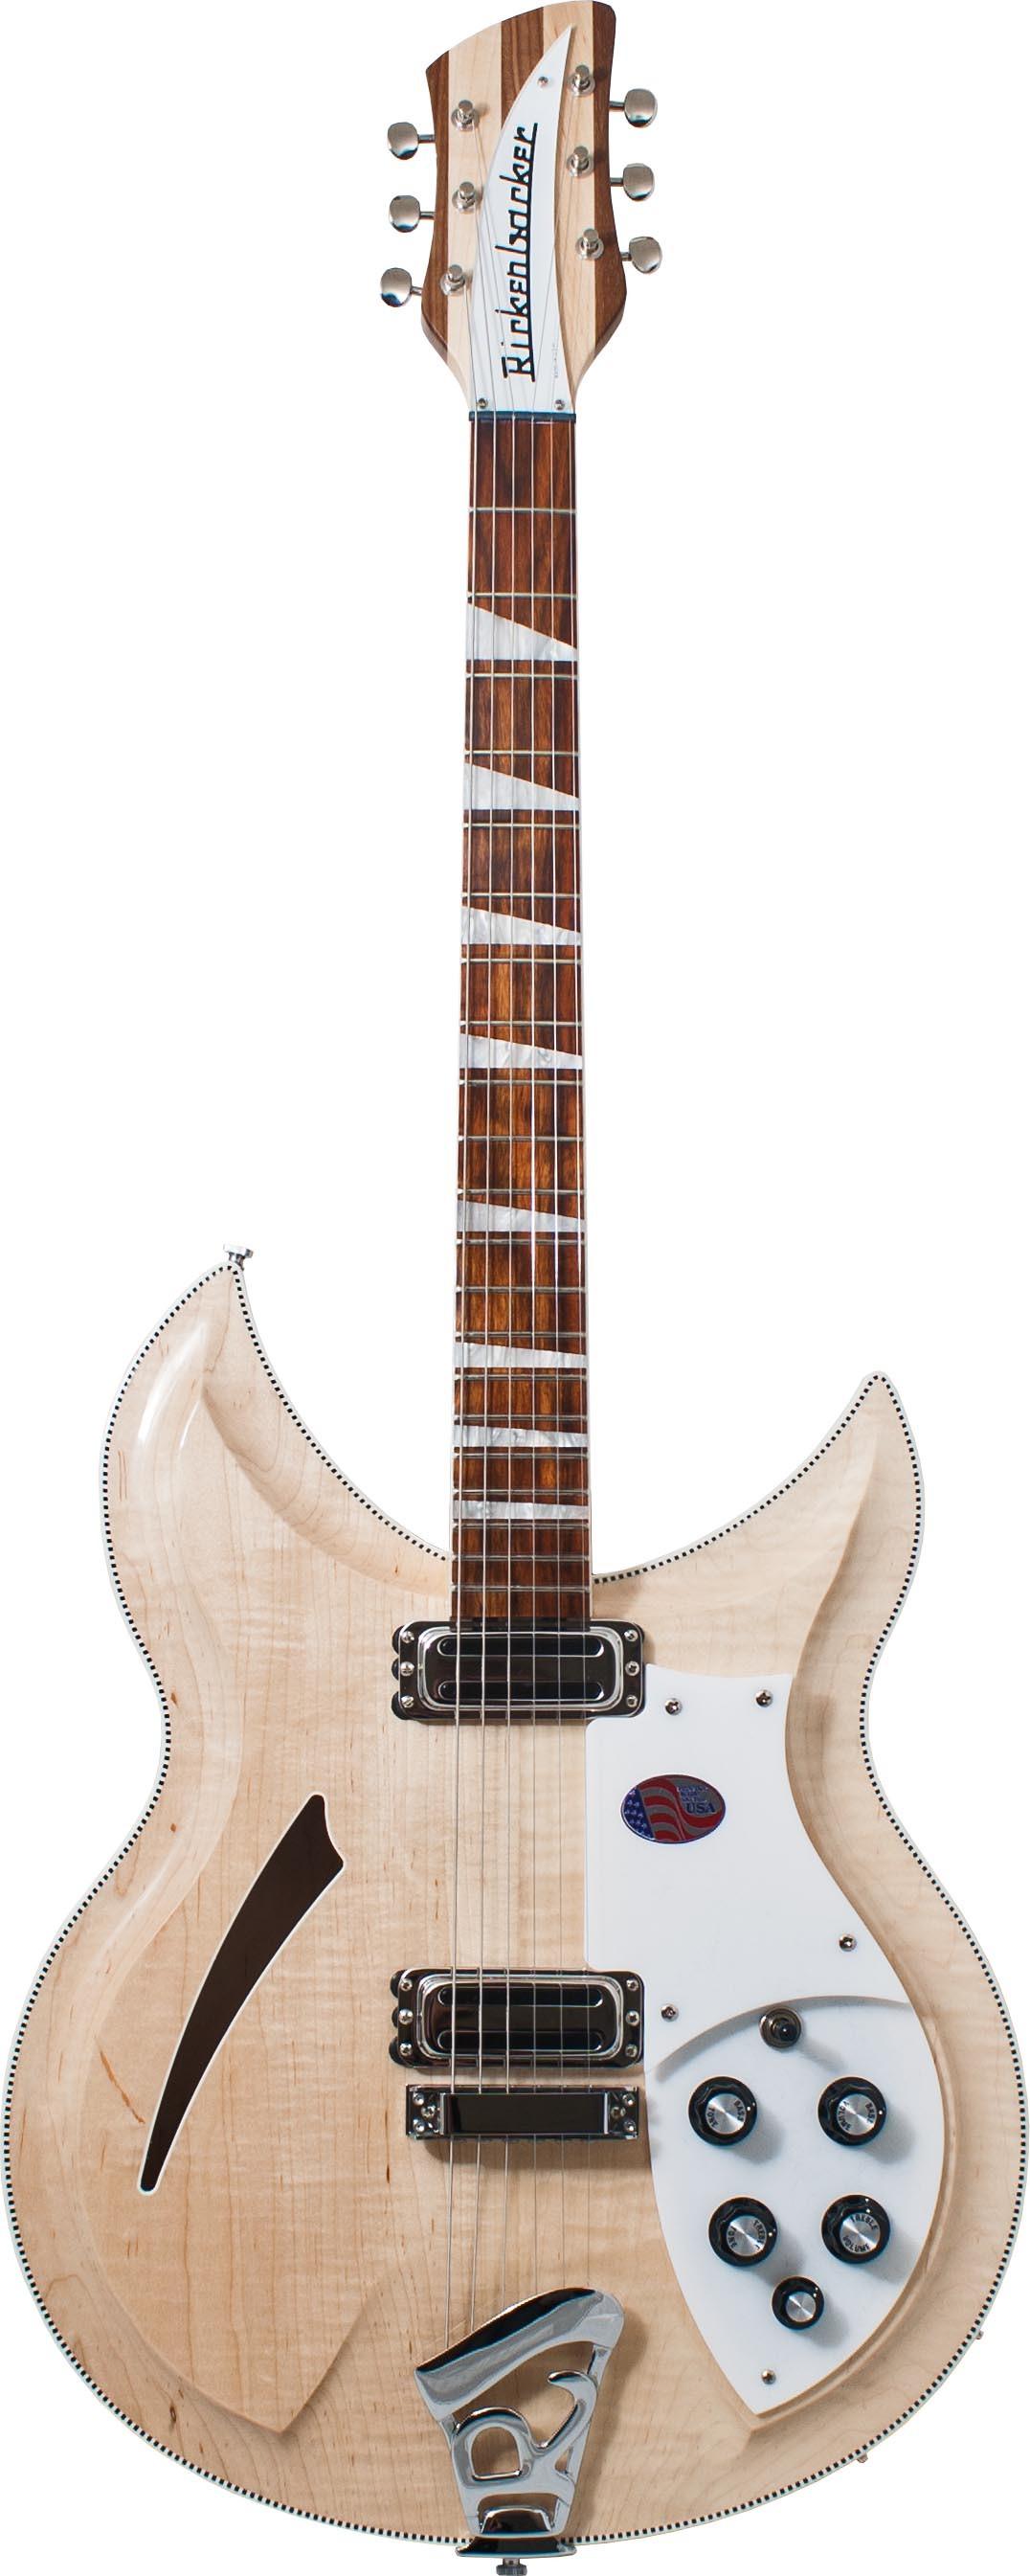 Rickenbacker 381V69 - Mapleglo